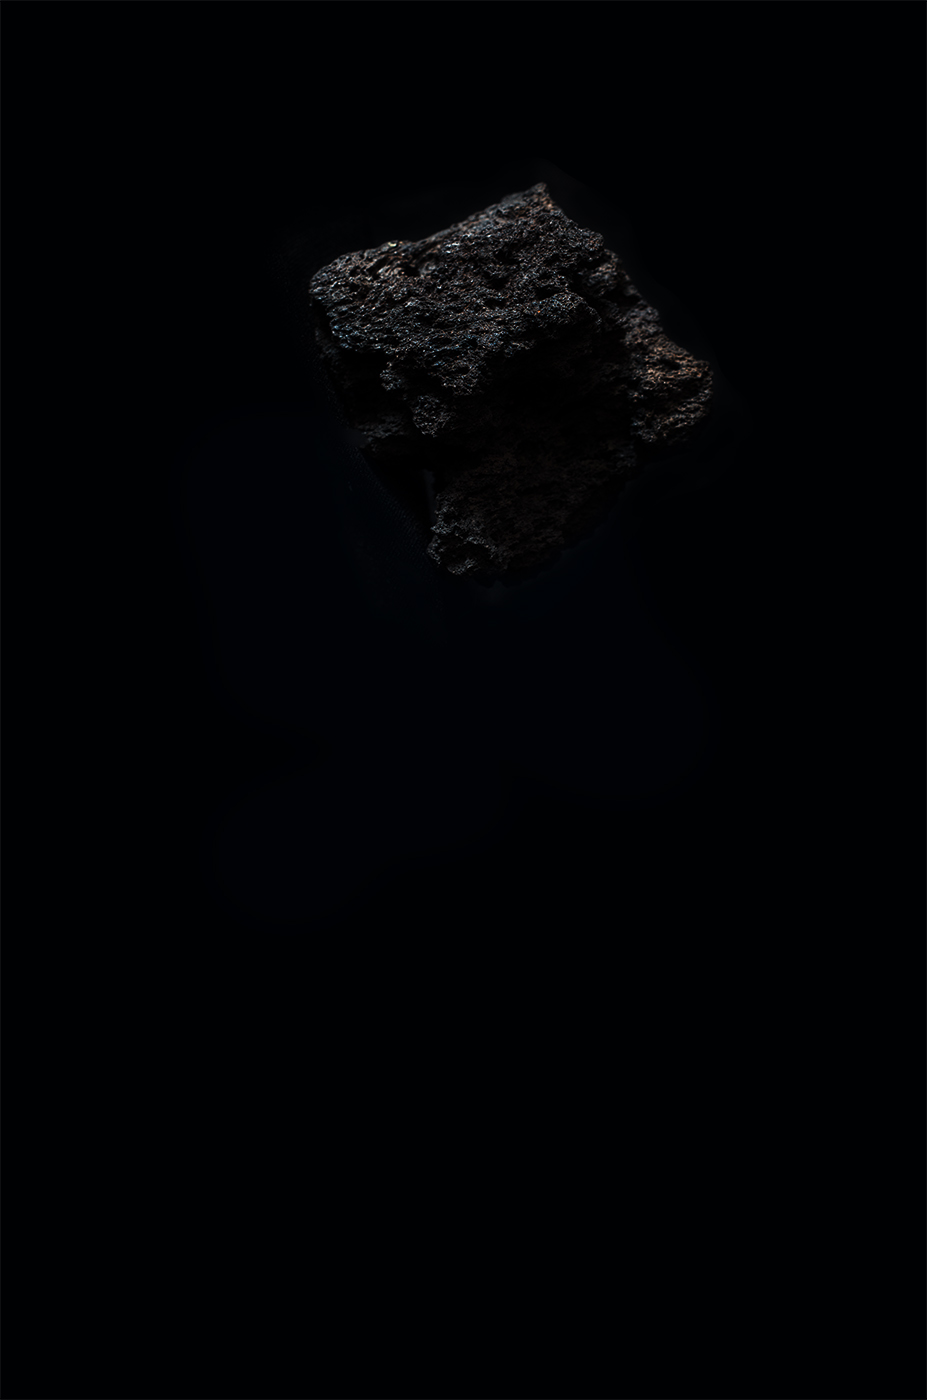 blackrockCintiaDuran.jpg